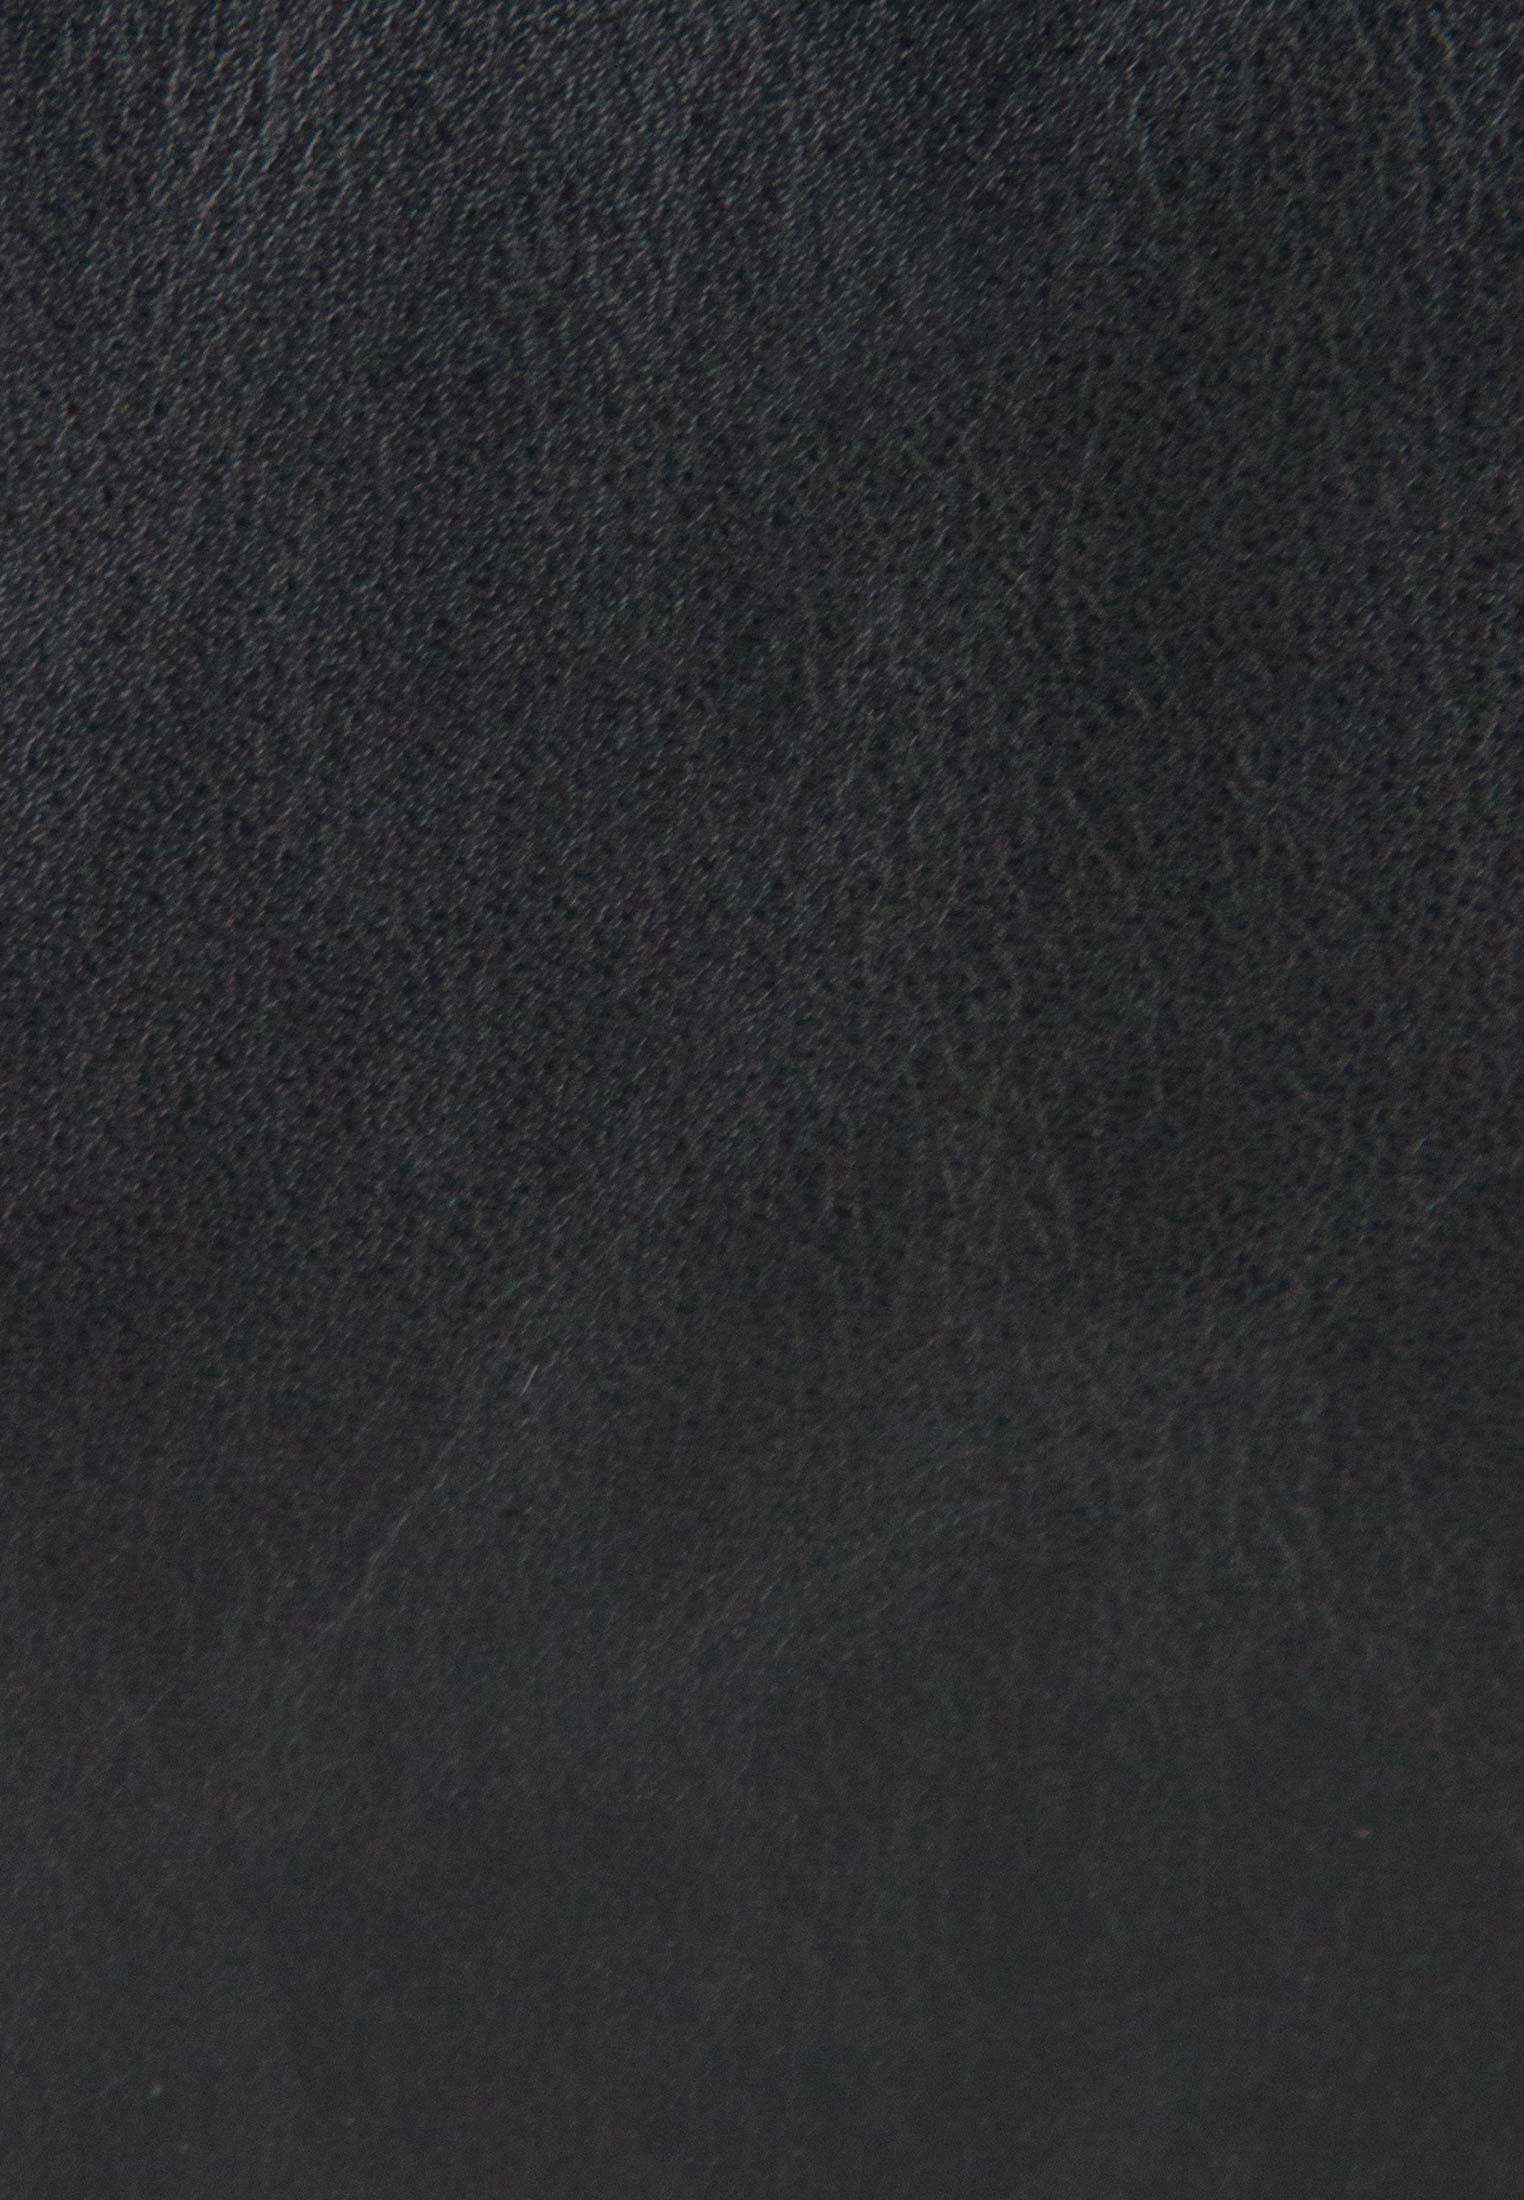 Tamaris Umhängetasche Adriane in black günstig kaufen